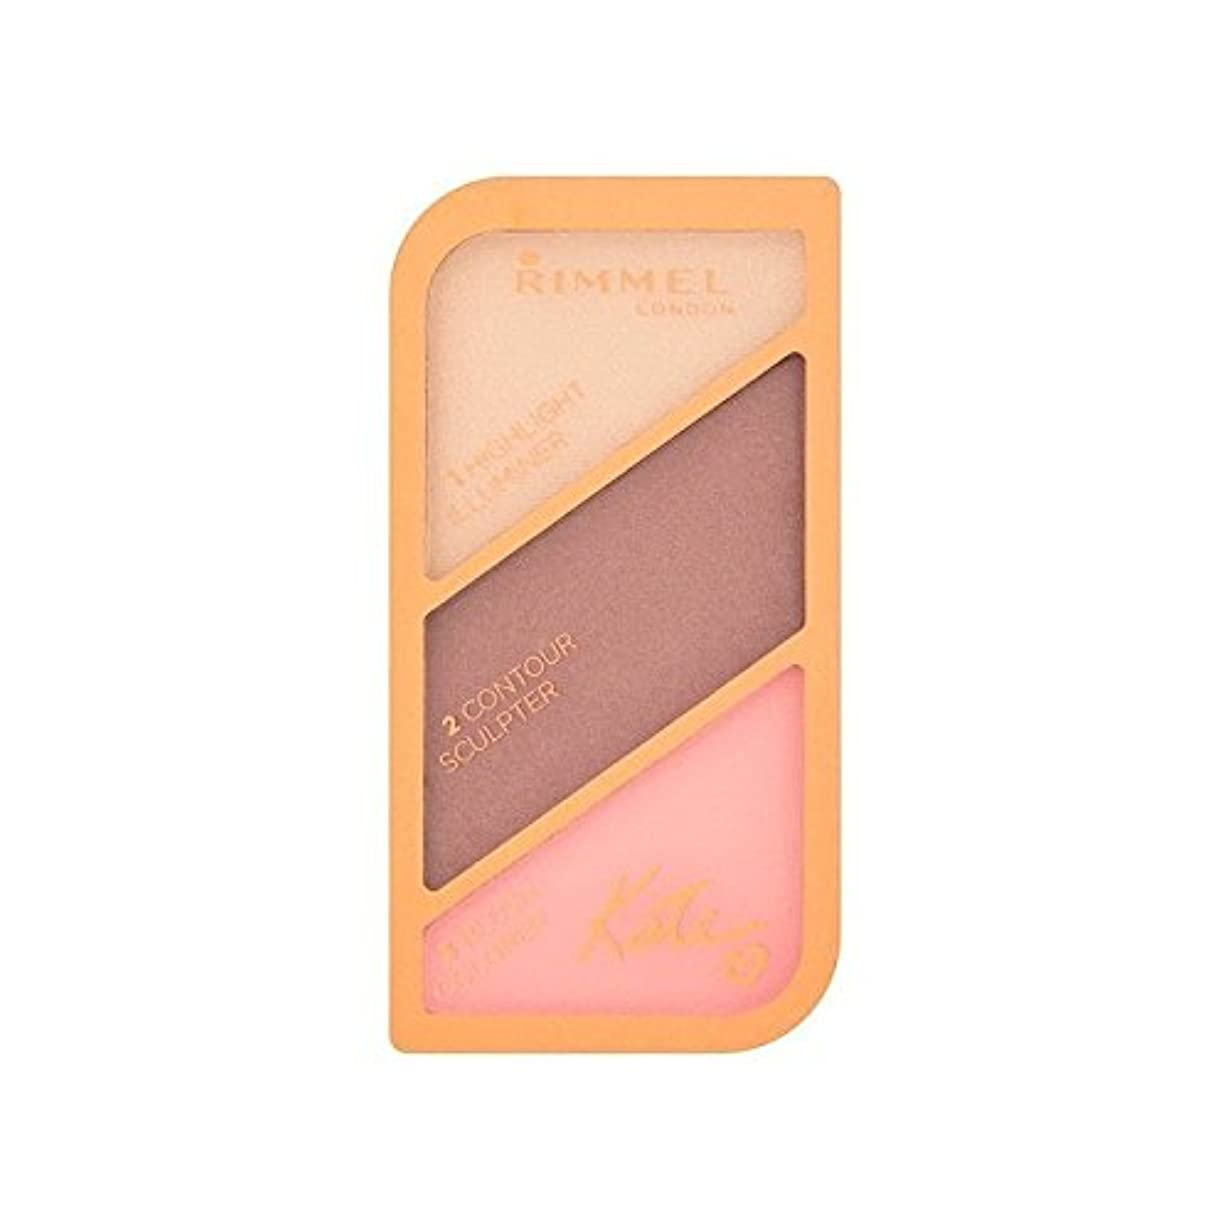 弾丸チキン休戦Rimmel Kate Moss Sculpting Palette Golden Bronze 003 (Pack of 6) - リンメルケイト?モスの彫刻パレット黄金のブロンズ003 x6 [並行輸入品]